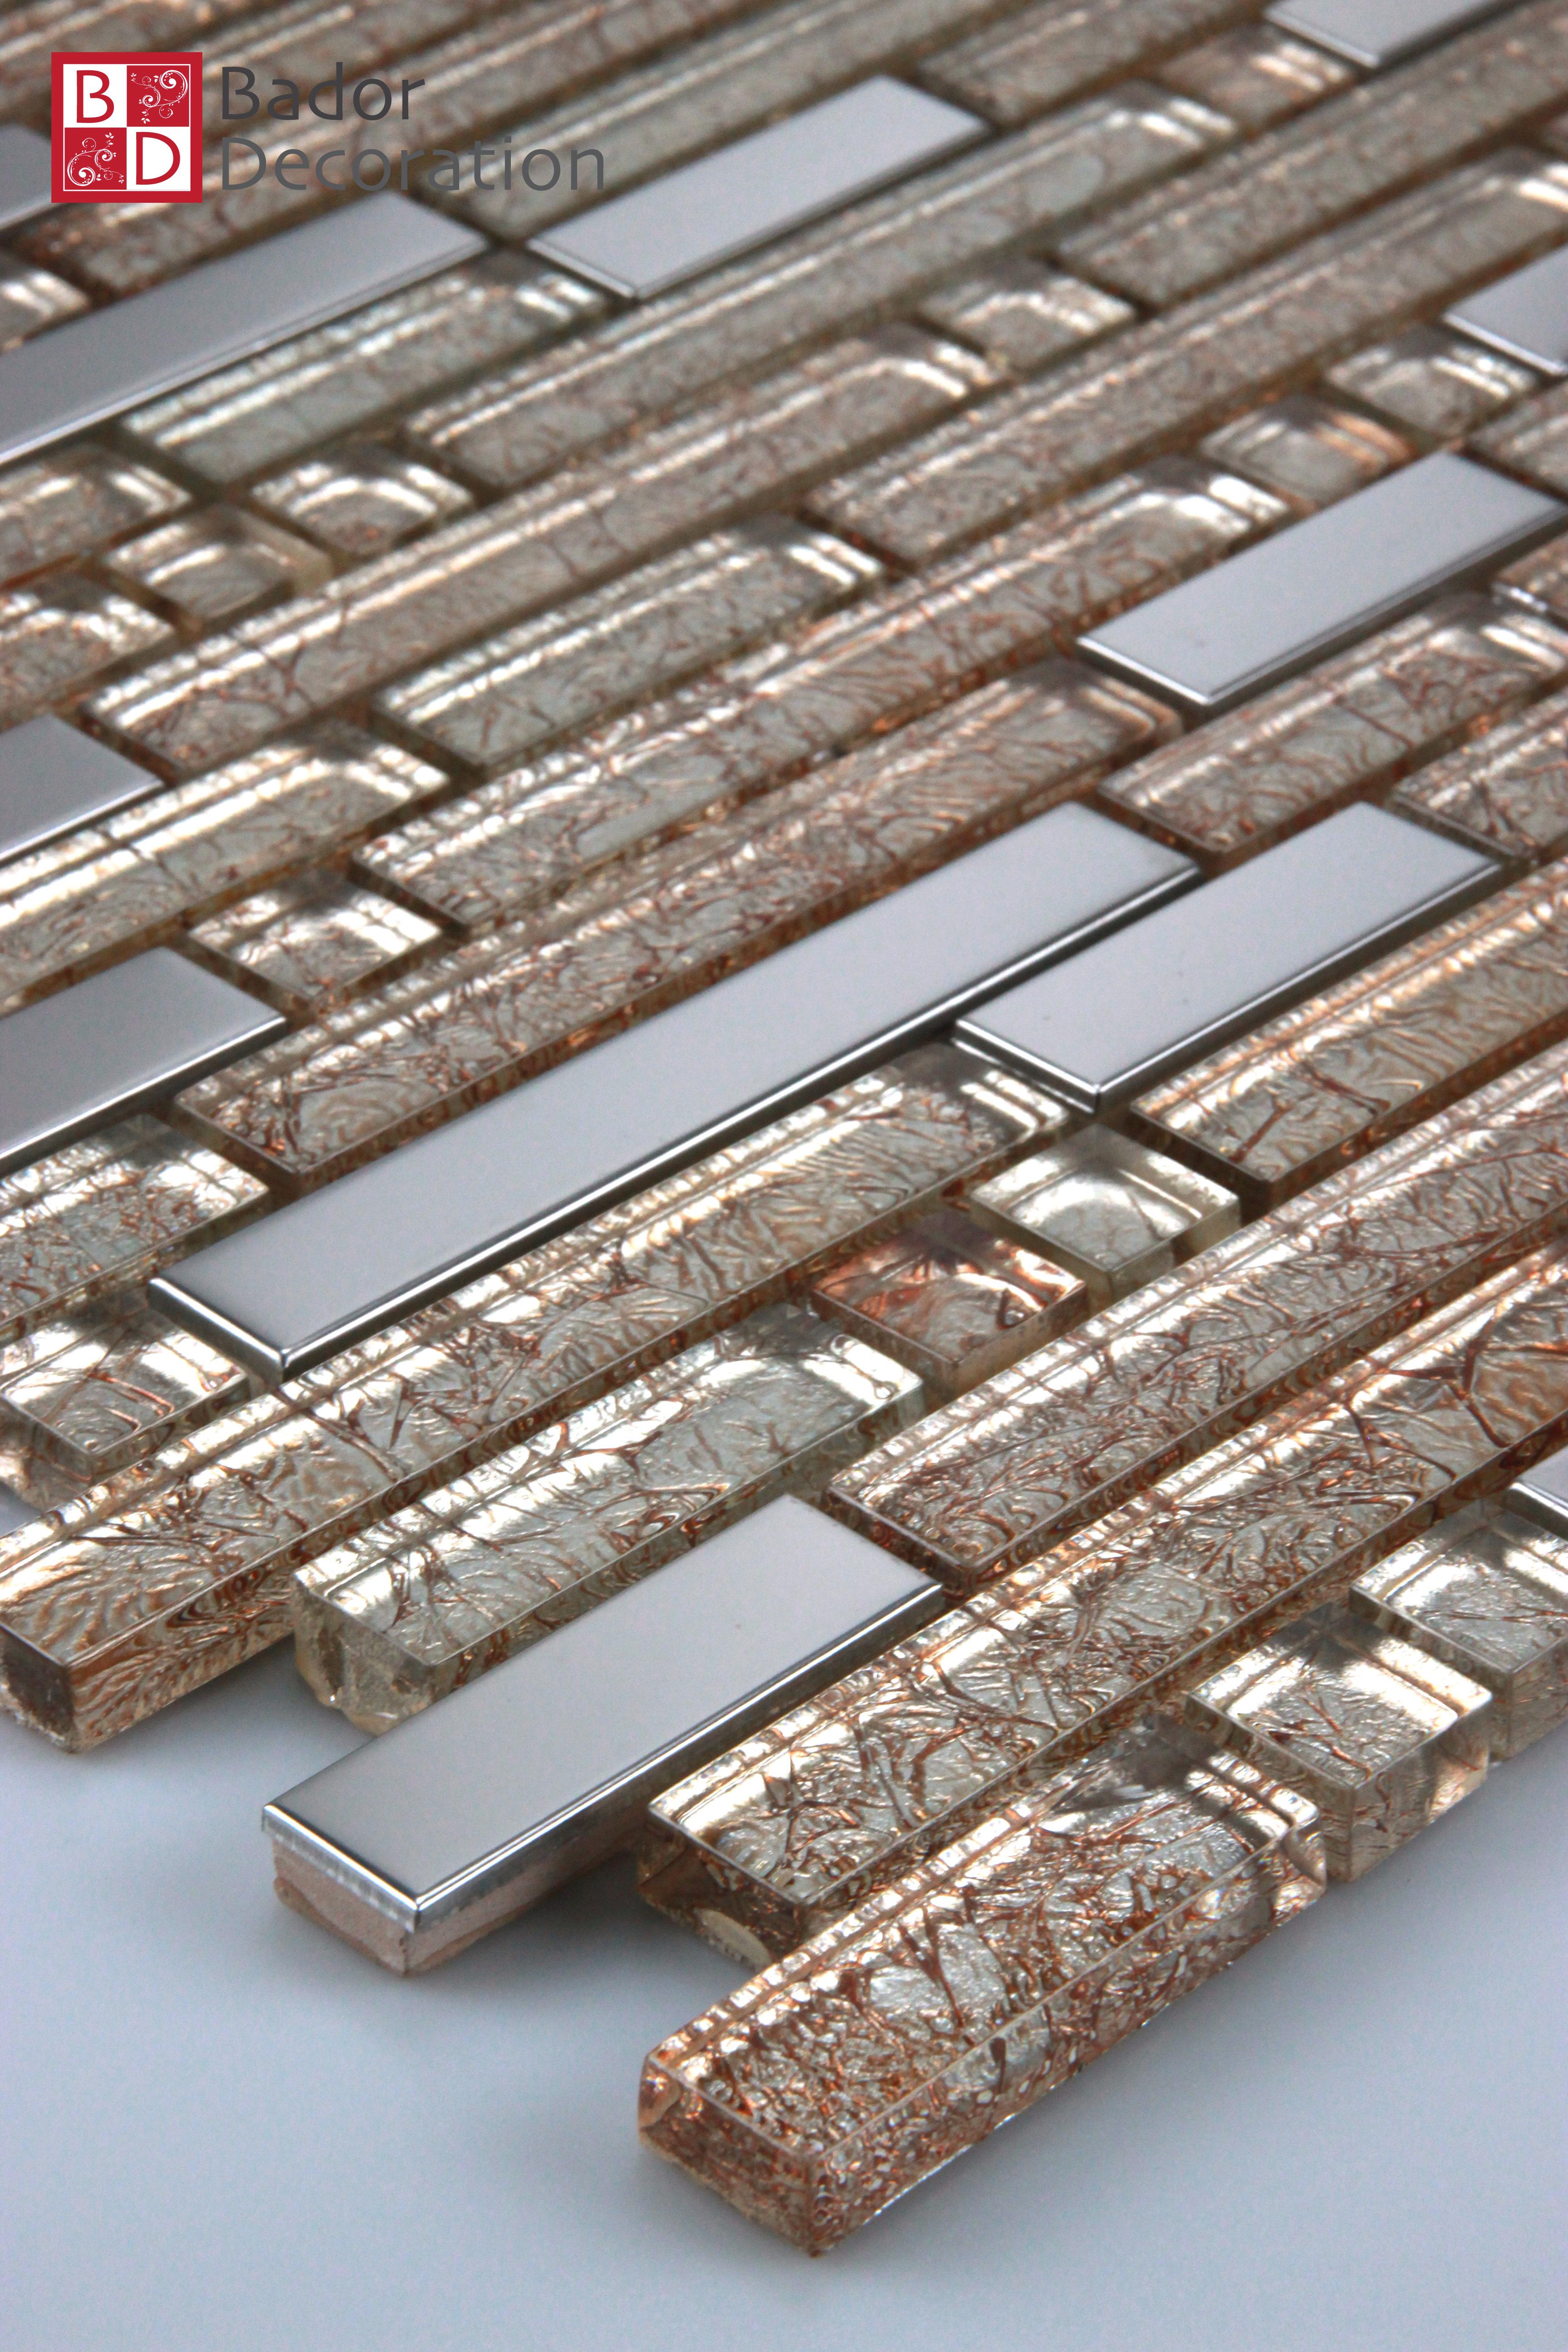 Glasmosaik Mosaikfliesen Mosaikglas Mosaik aus Glas Edelstahl Gold Silber 30x30